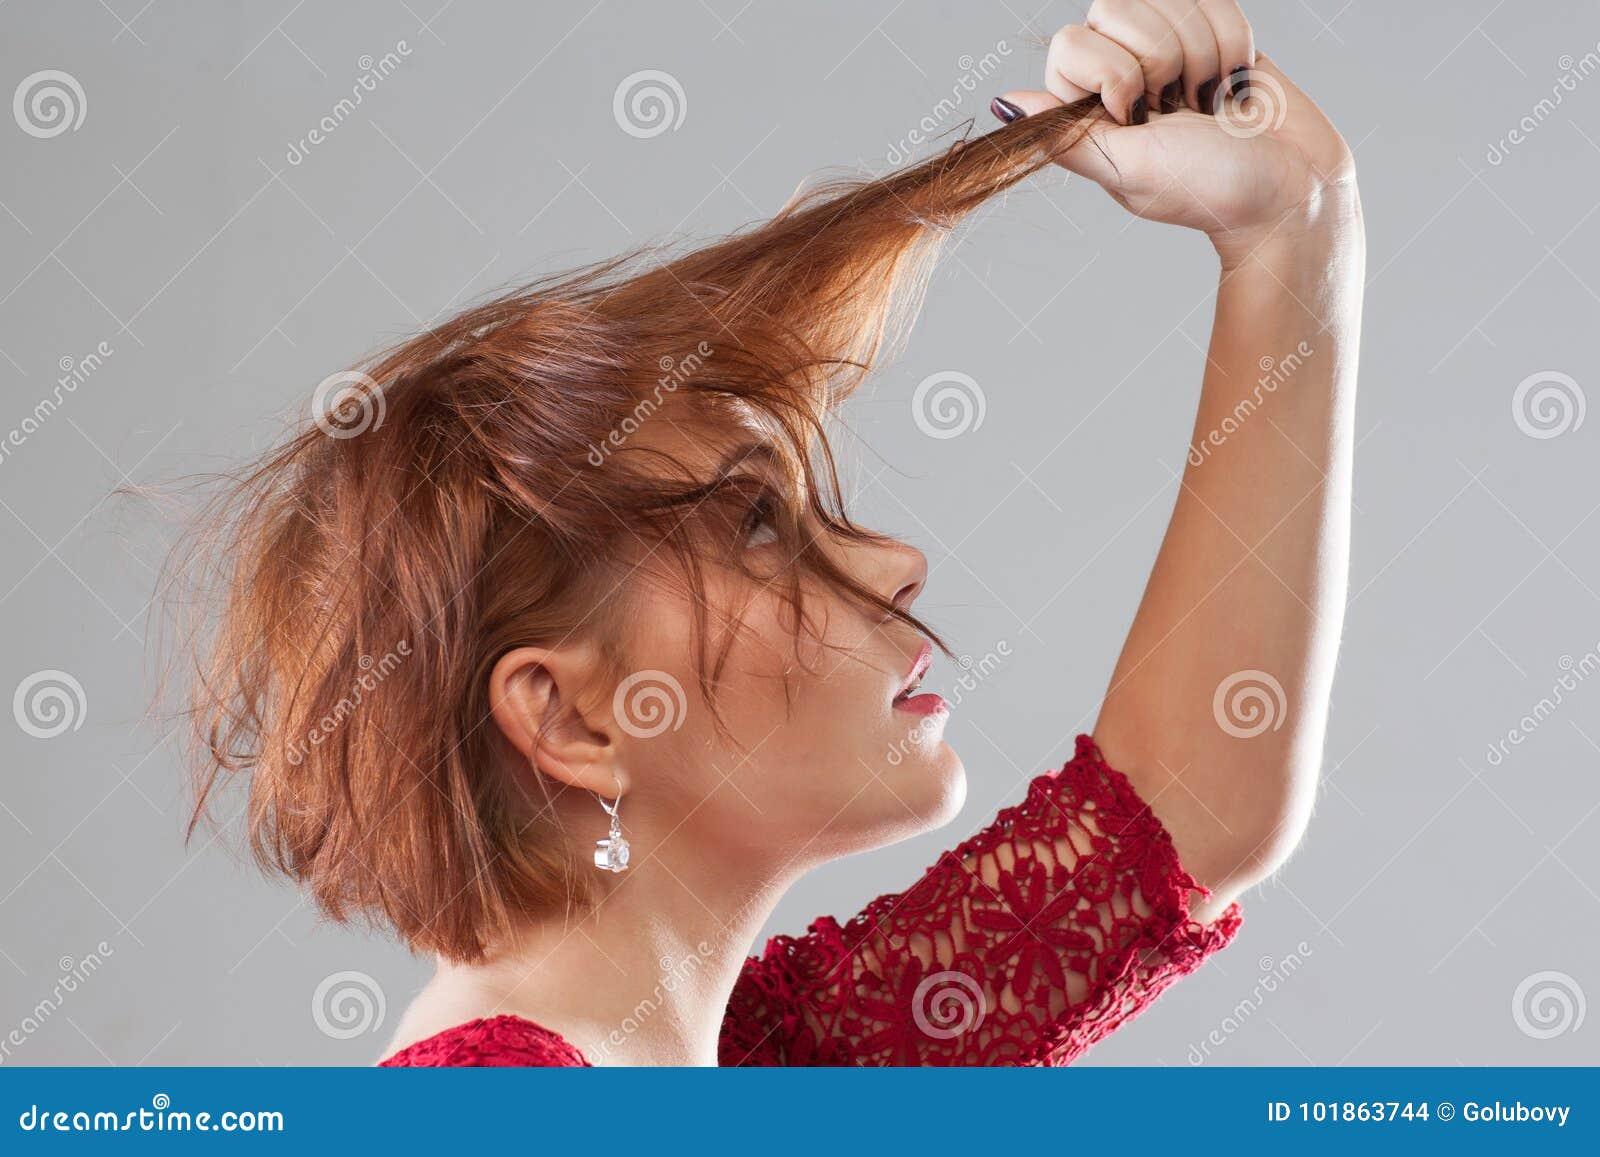 Κακή ημέρα, απώλεια τρίχας Διαφήμιση Hairstyle